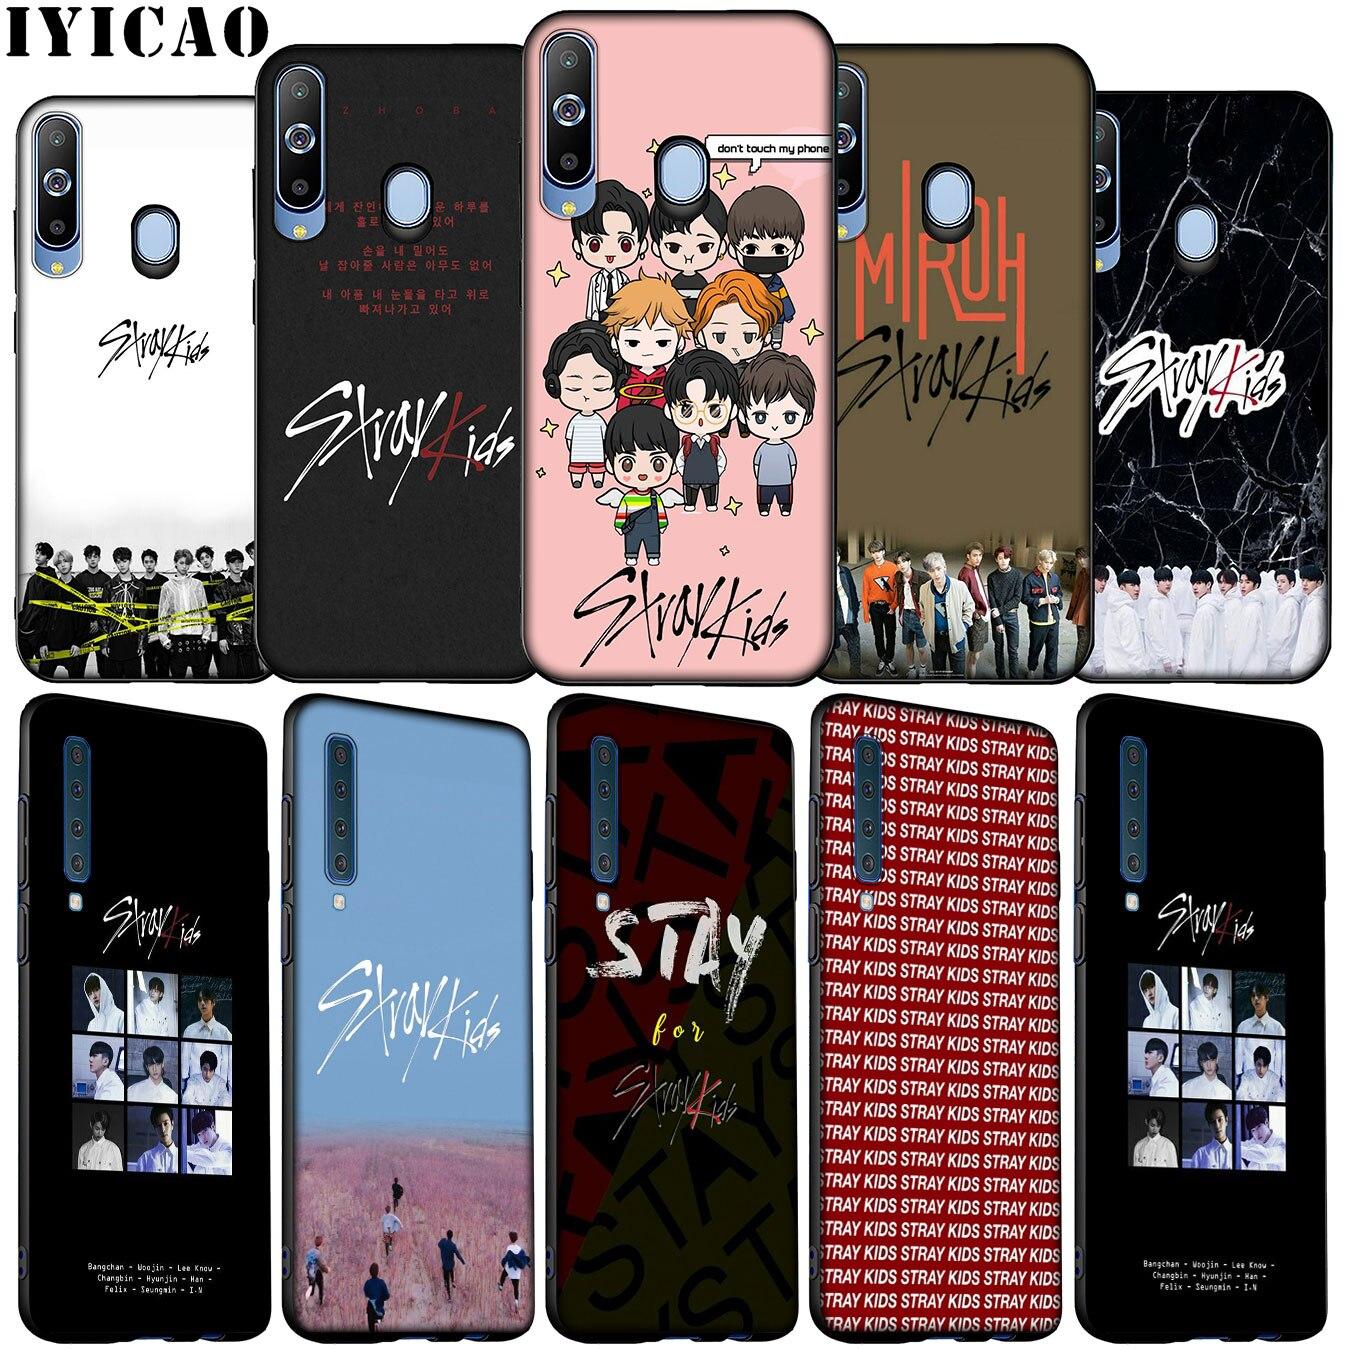 KPOP Vadios Crianças Soft Case de Silicone para Samsung Galaxy A70 A50 A60 A40 A30 A20 A10 M10 M20 M30 M40 A20E Capa